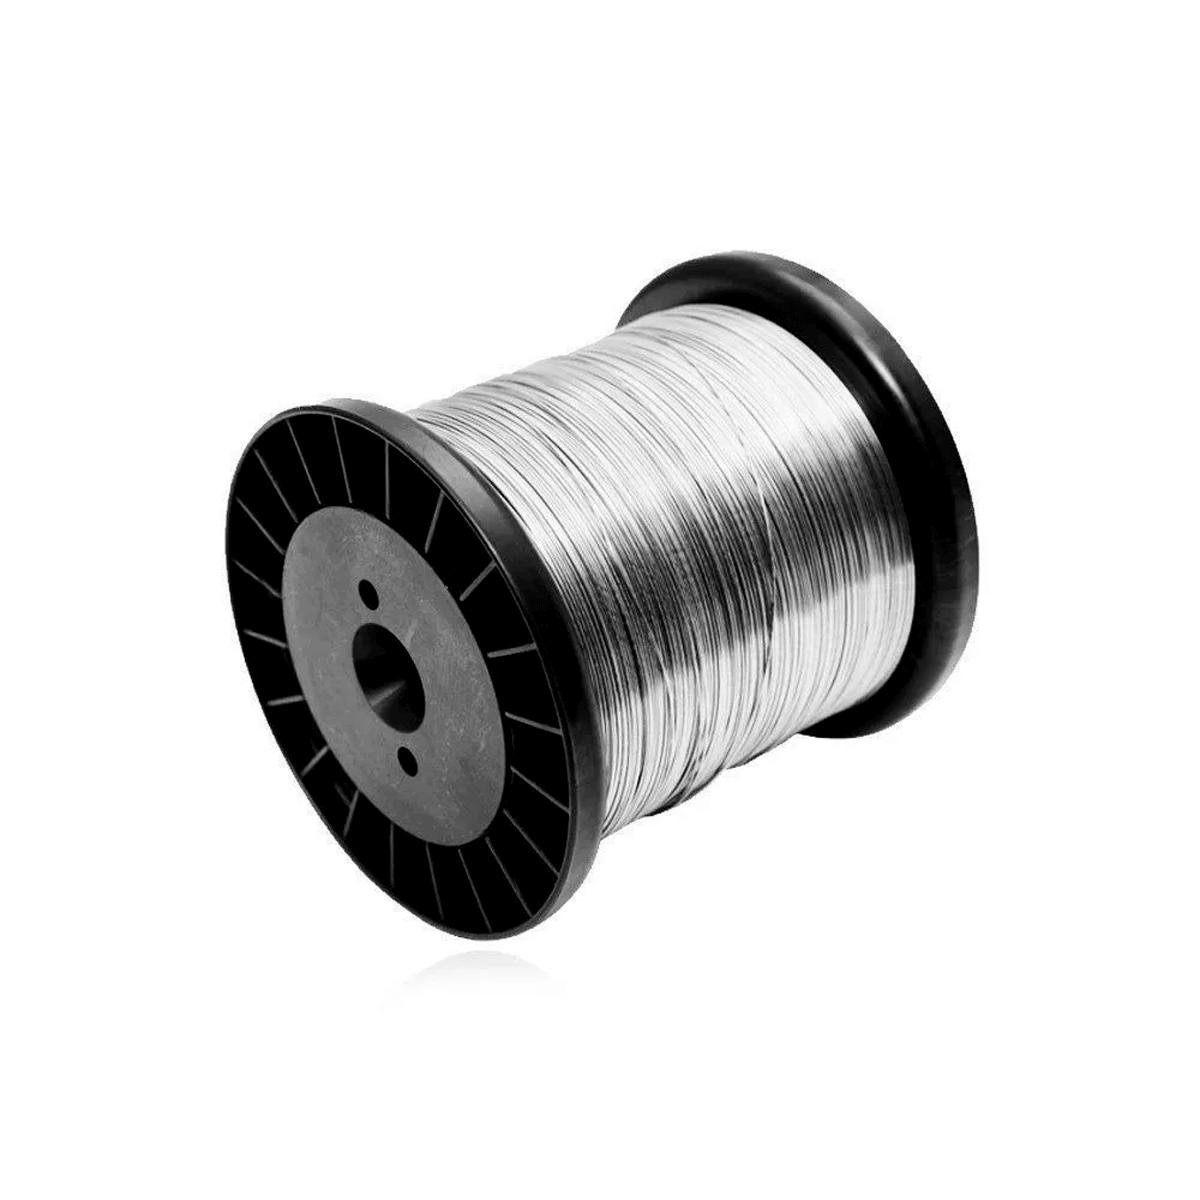 Fio de Aço Inox 0,45 mm para Cerca Elétrica Carretel 255g